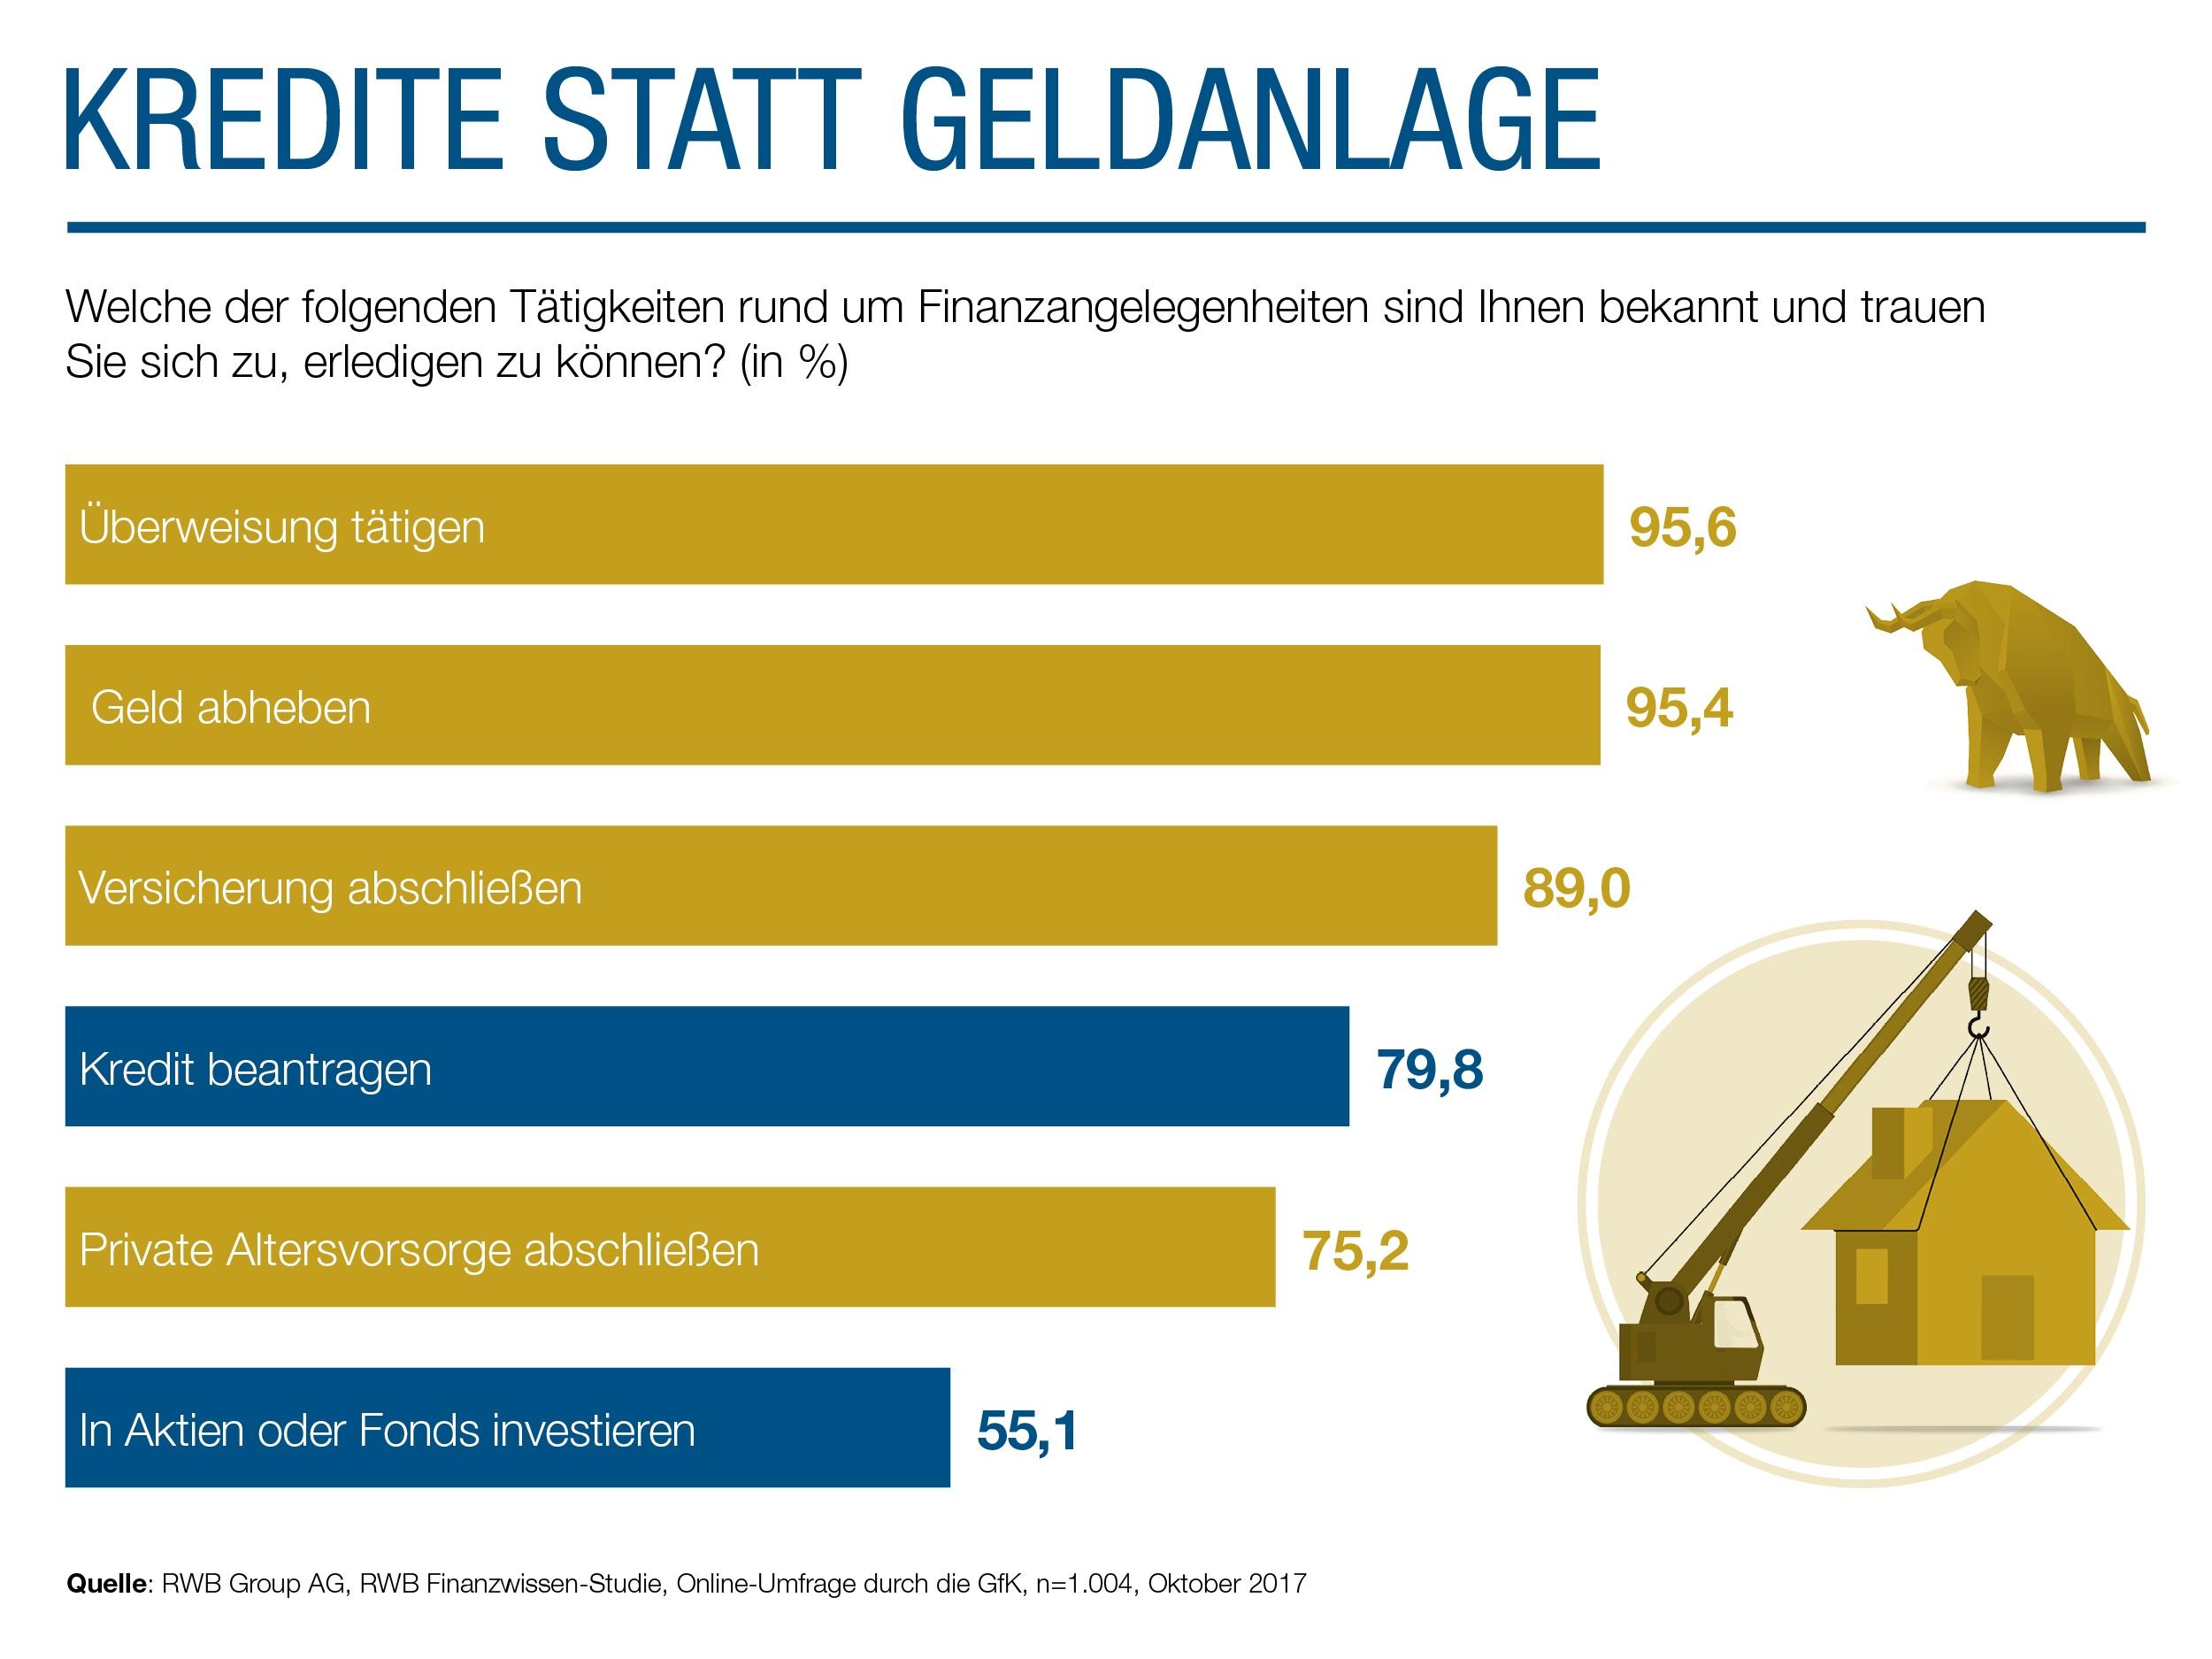 Stuunter Deutschen Lieber Kredite Als Geldanlage Pressemitteilung Rwb Group Ag